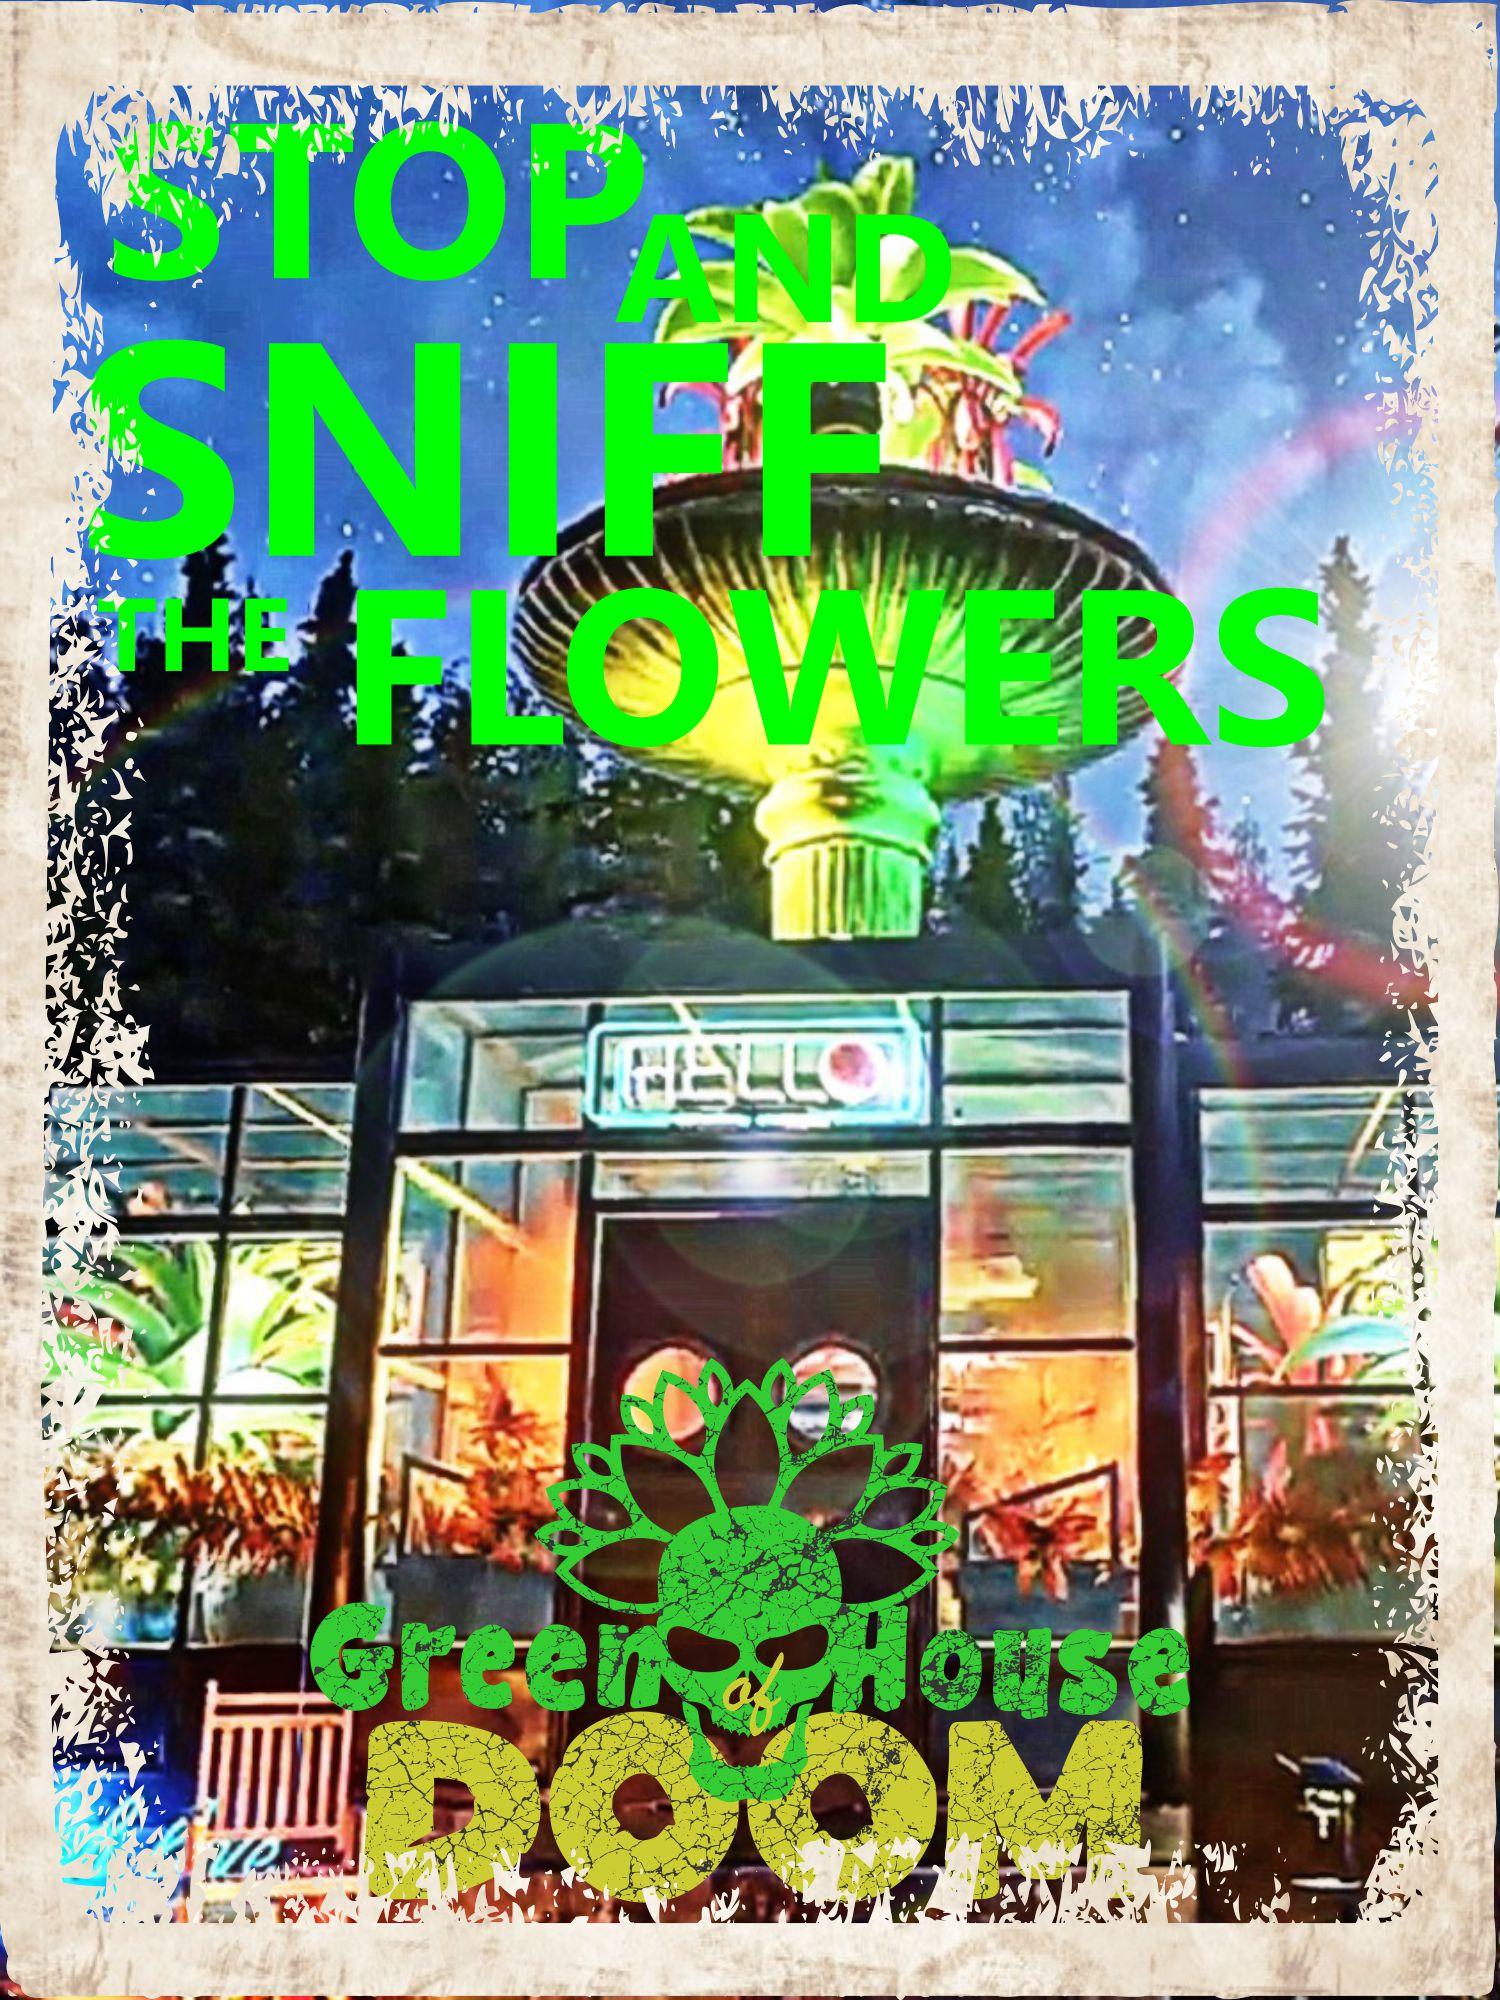 Greenhouse of Doom